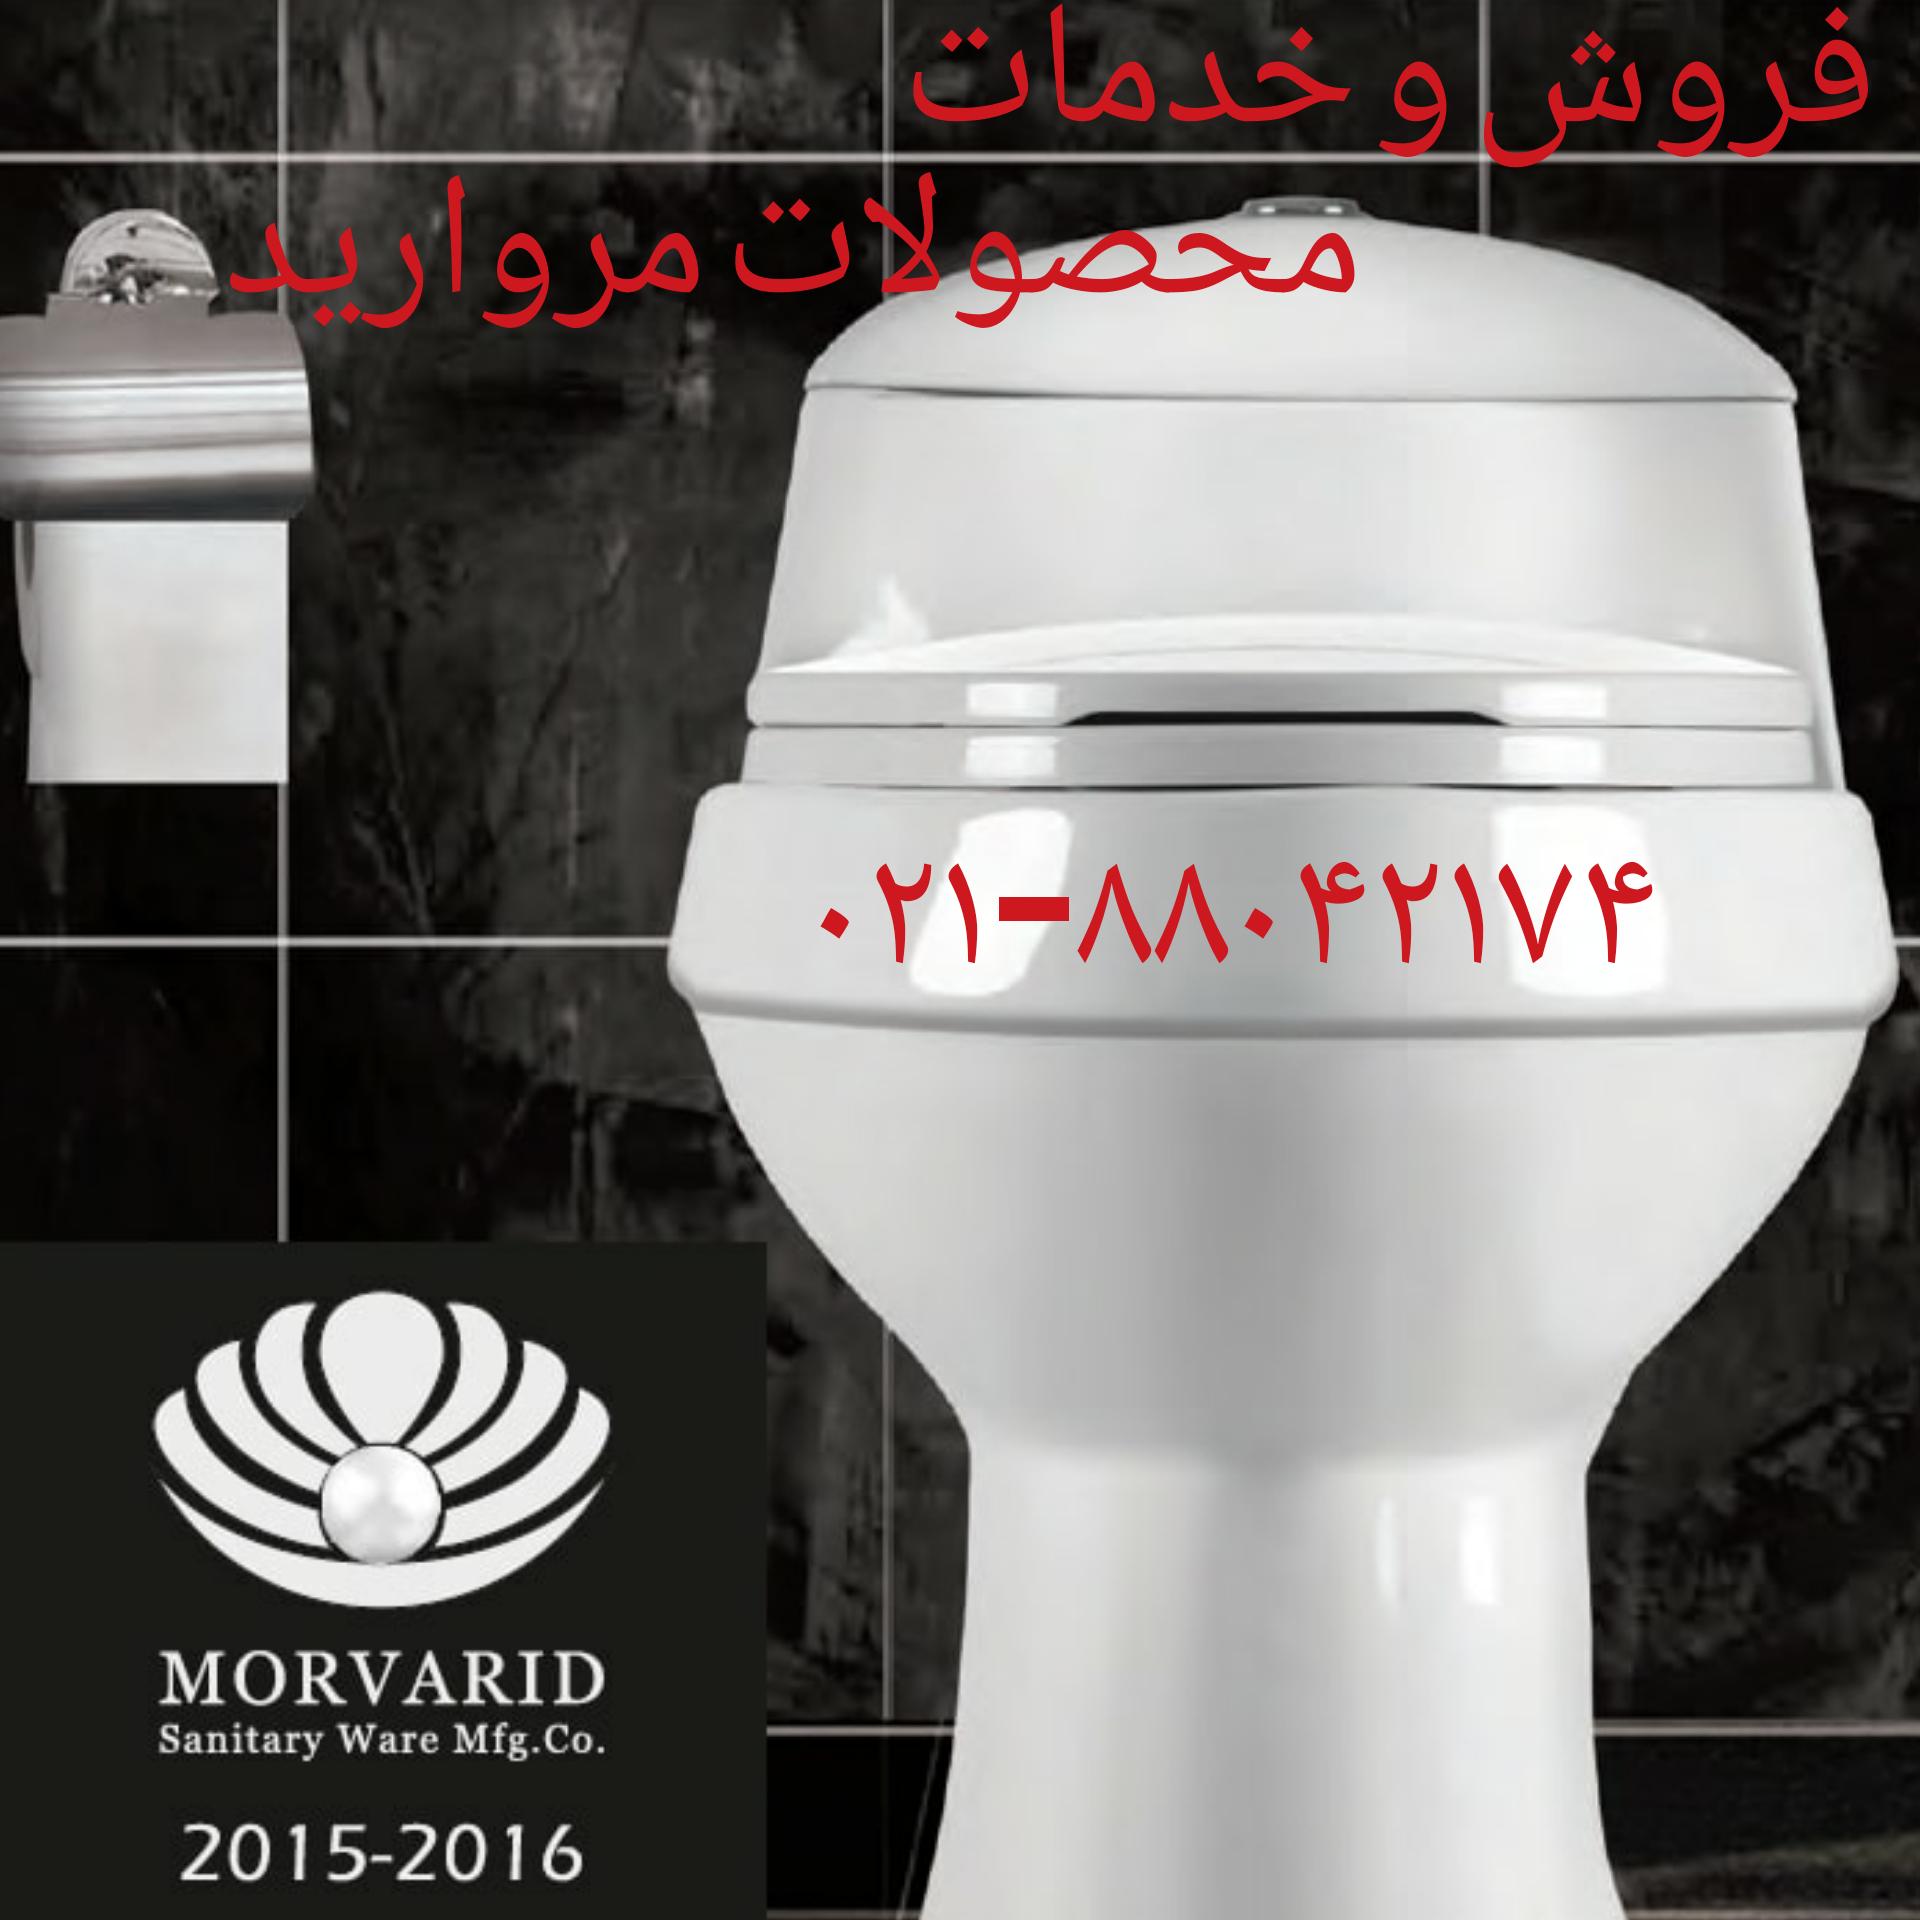 فروش و خدمات محصولات مروارید ۸۸۰۴۲۱۷۴_تعمیر توالت فرنگی مروارید